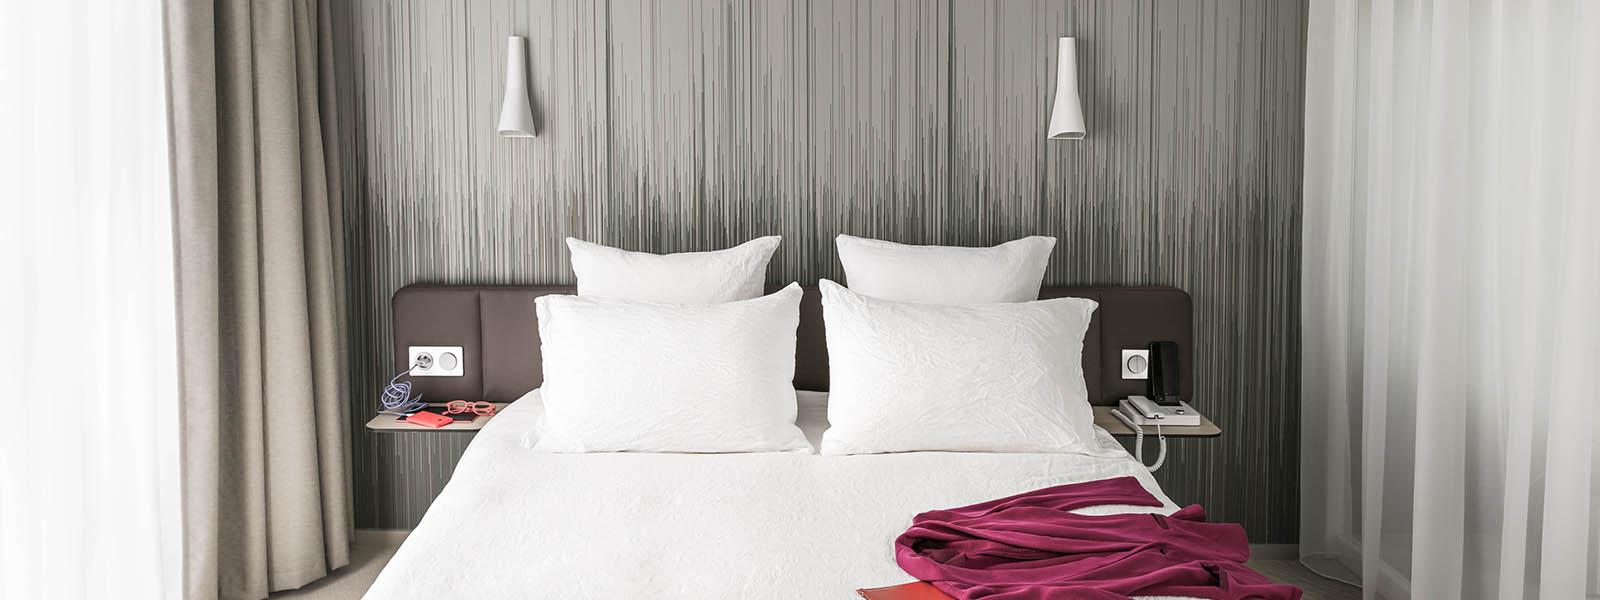 Okko hotels paris porte de versailles sur h tel paris - Hotel paris pas cher porte de versailles ...